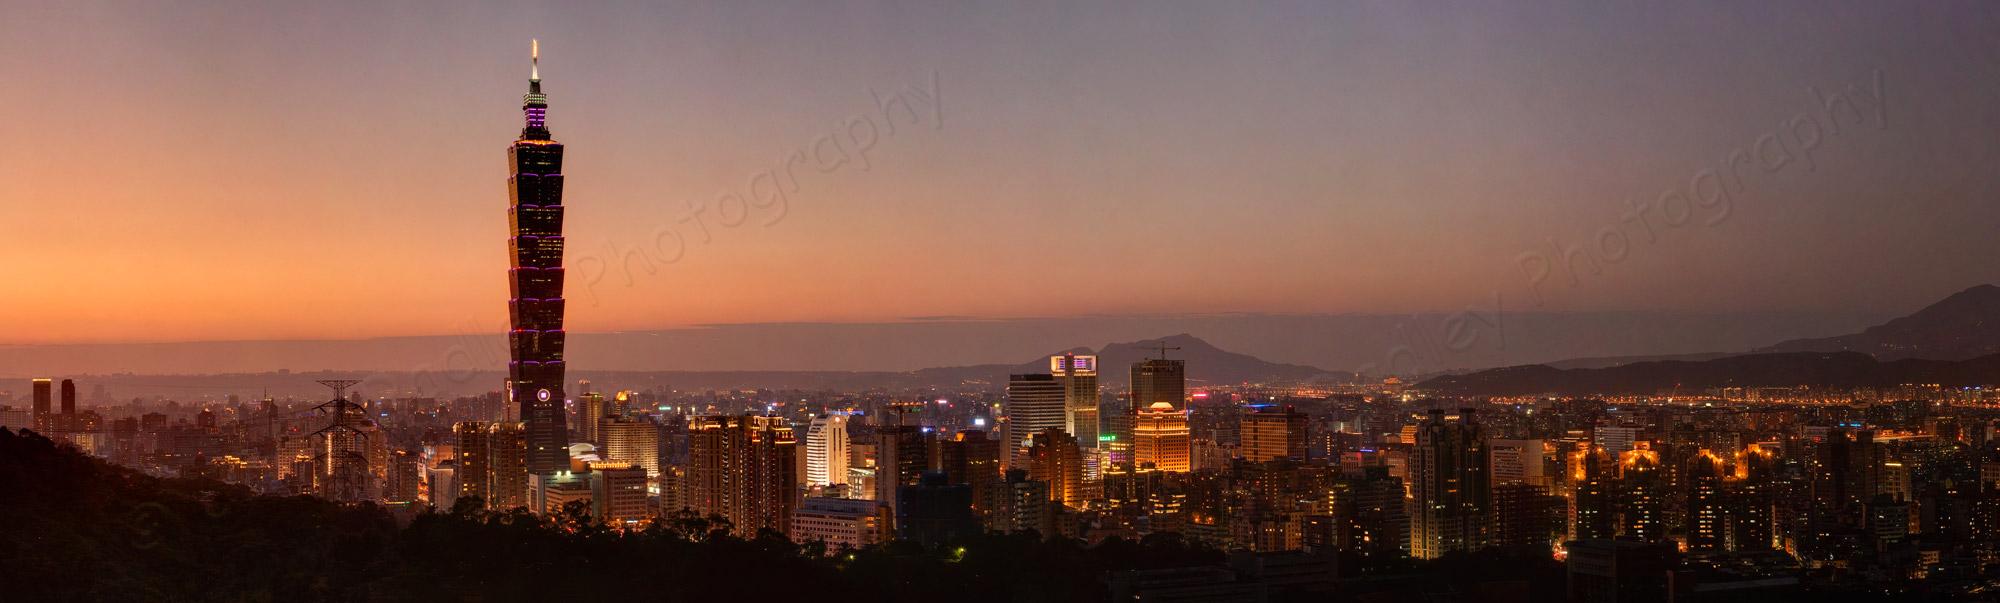 Taipei Skyline panoramic